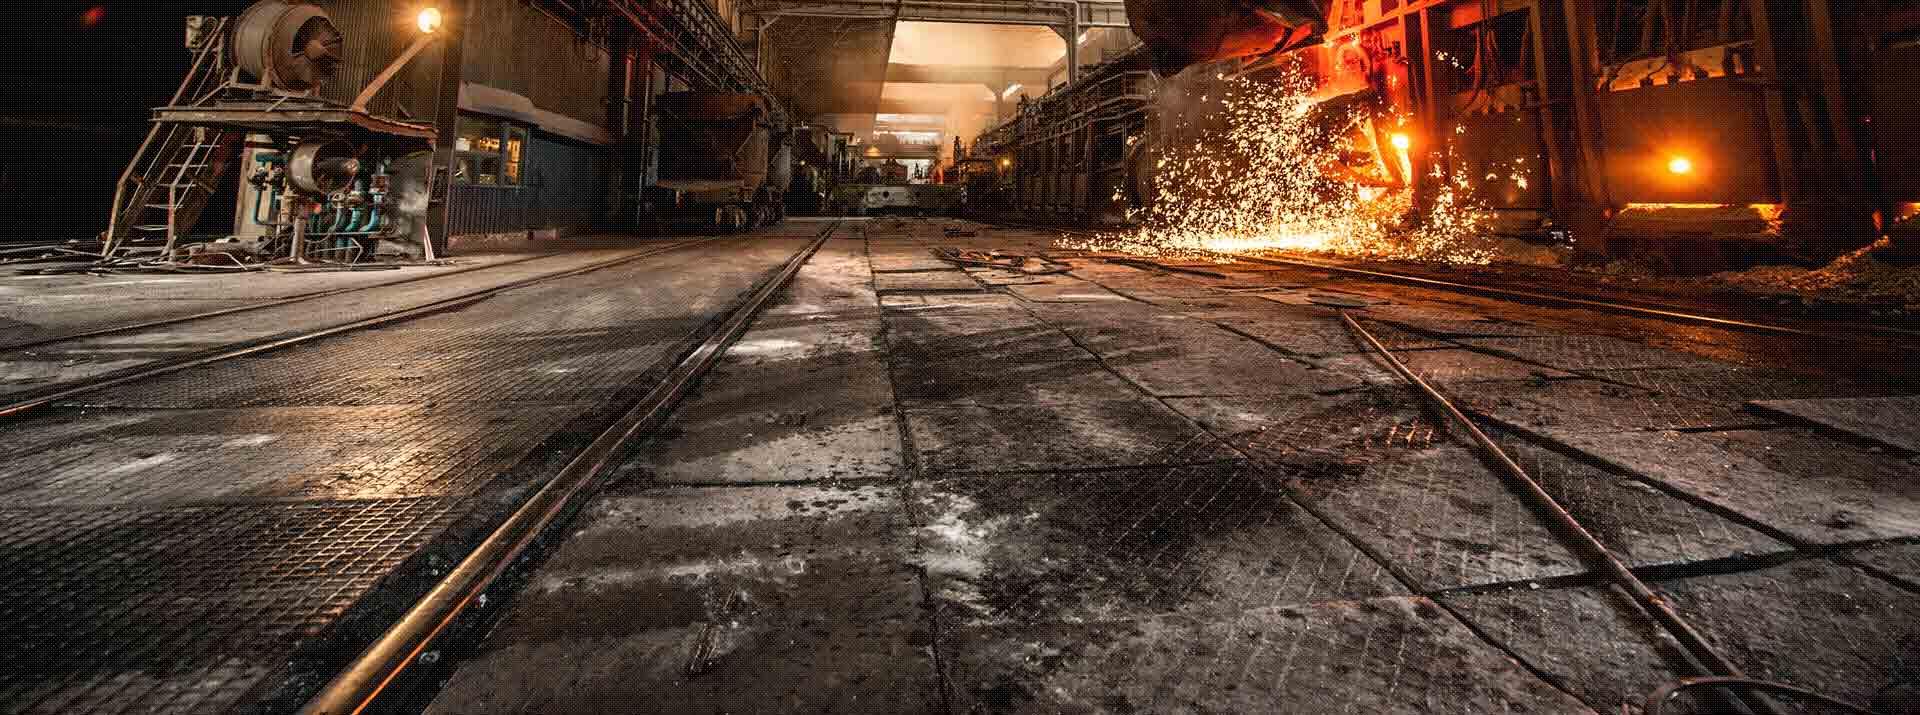 Industrieanlage mit Funken und Hebetechnik von RO-TECH